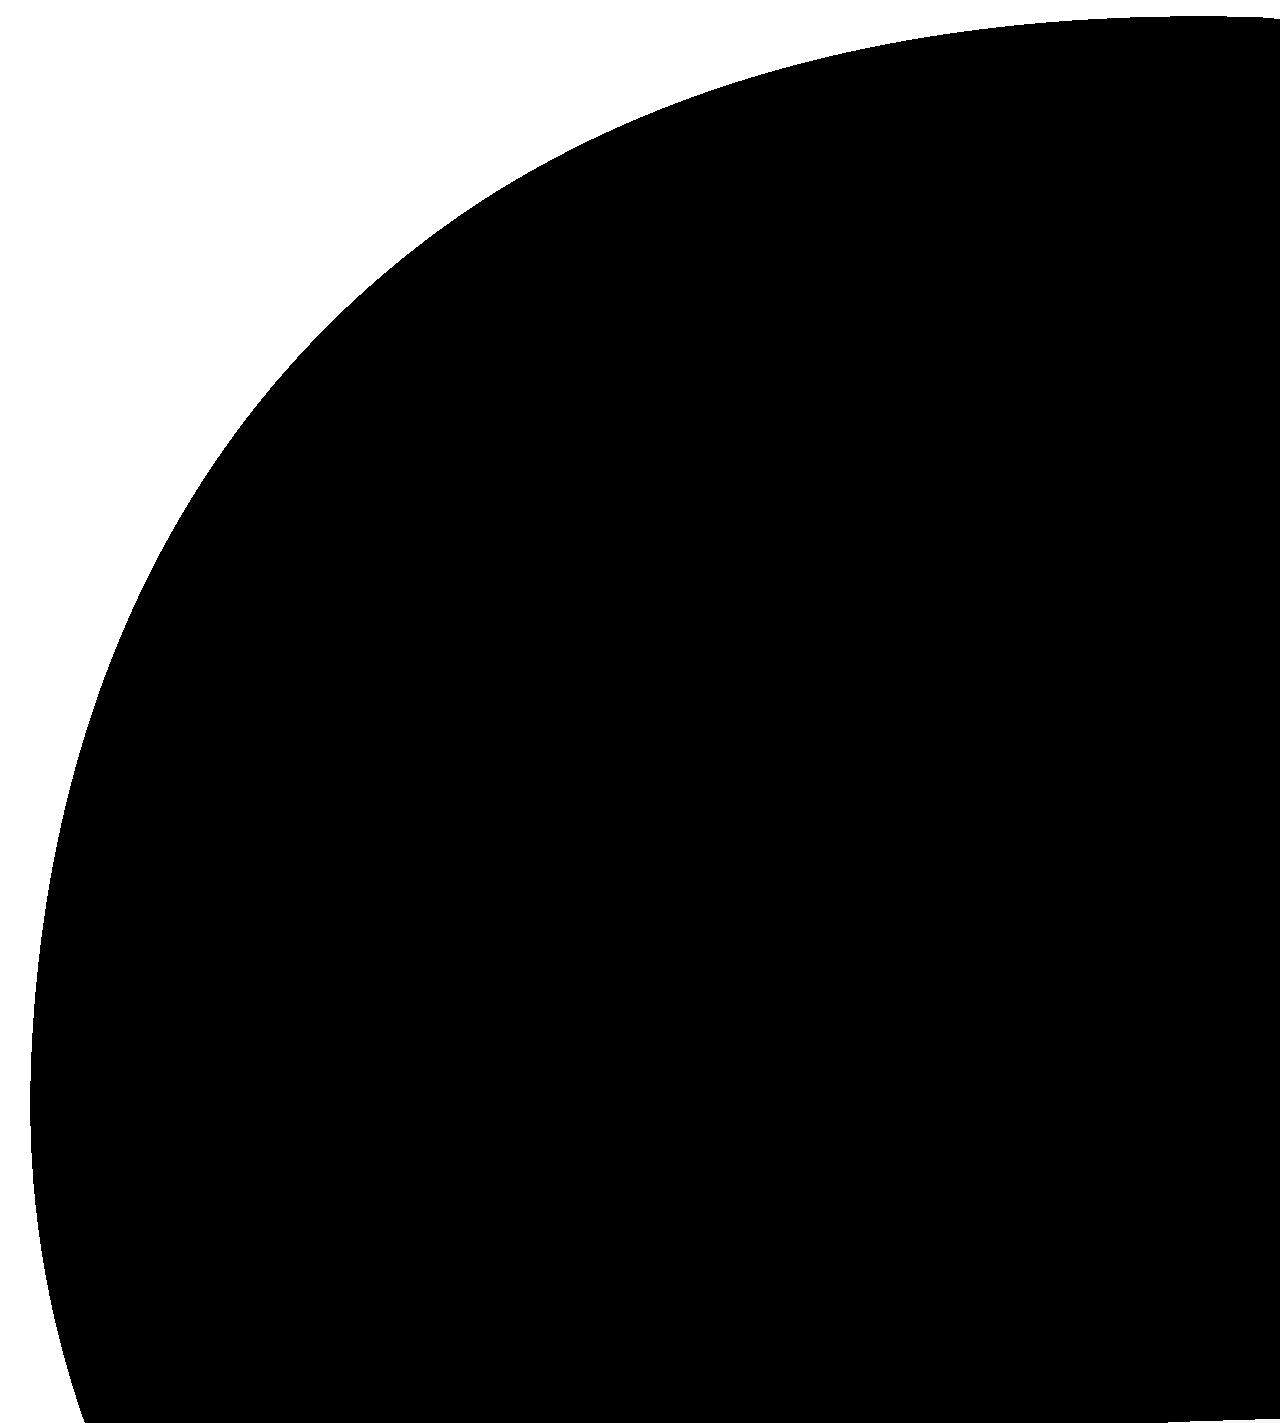 Bornheim-Akupunktur-Friese-bgcurve